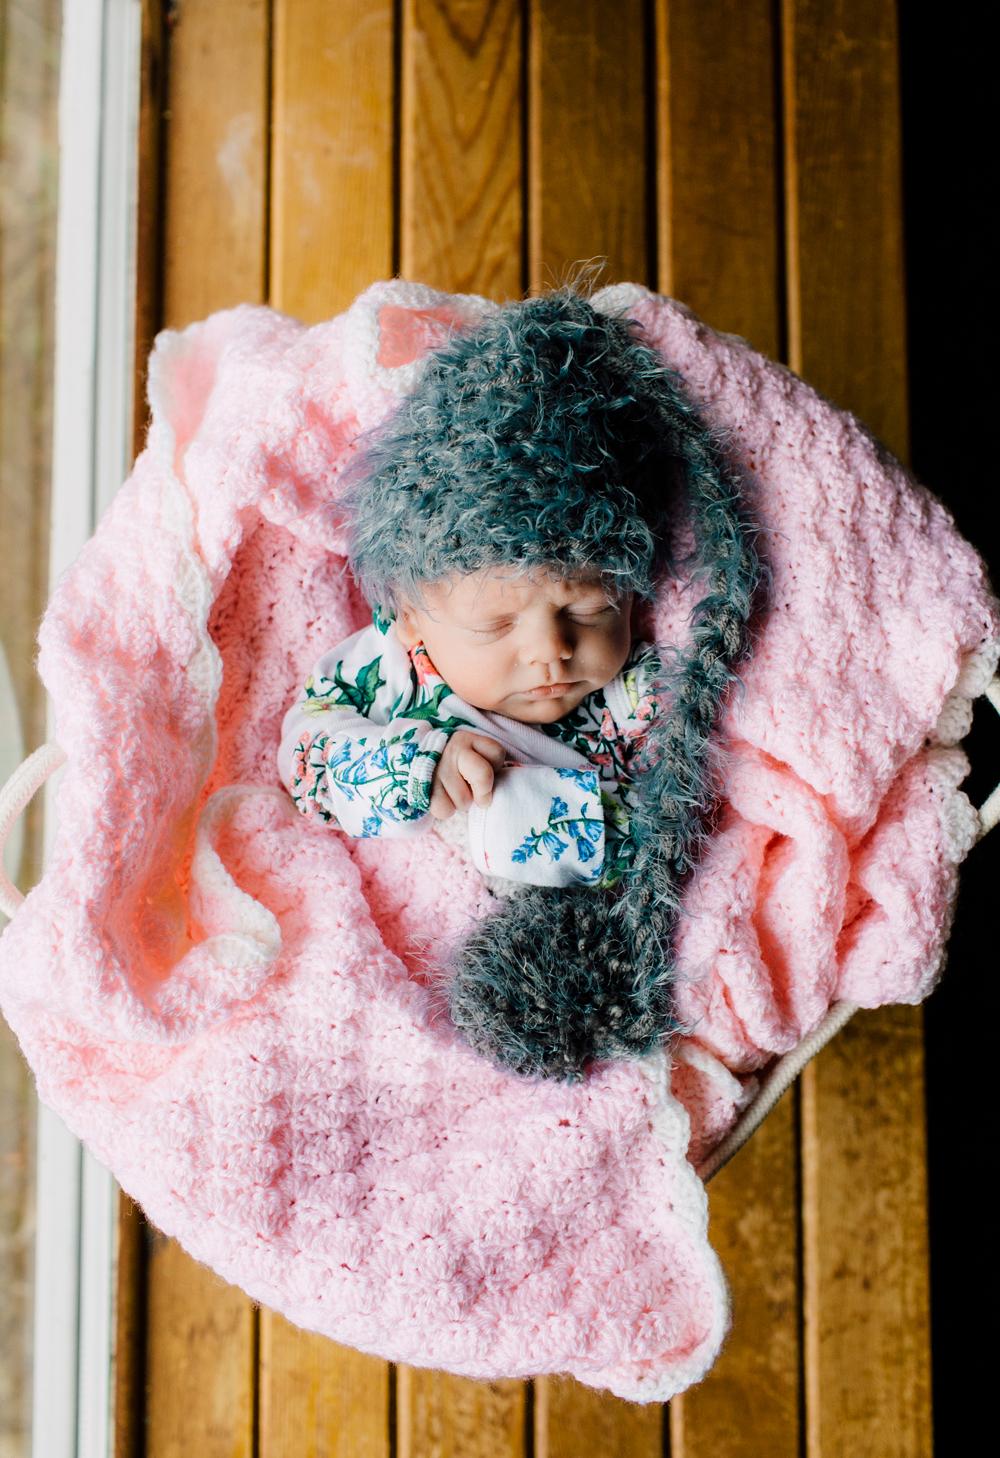 003-bellingham-newborn-photographer-katheryn-moran-lifestyle-cora.jpg